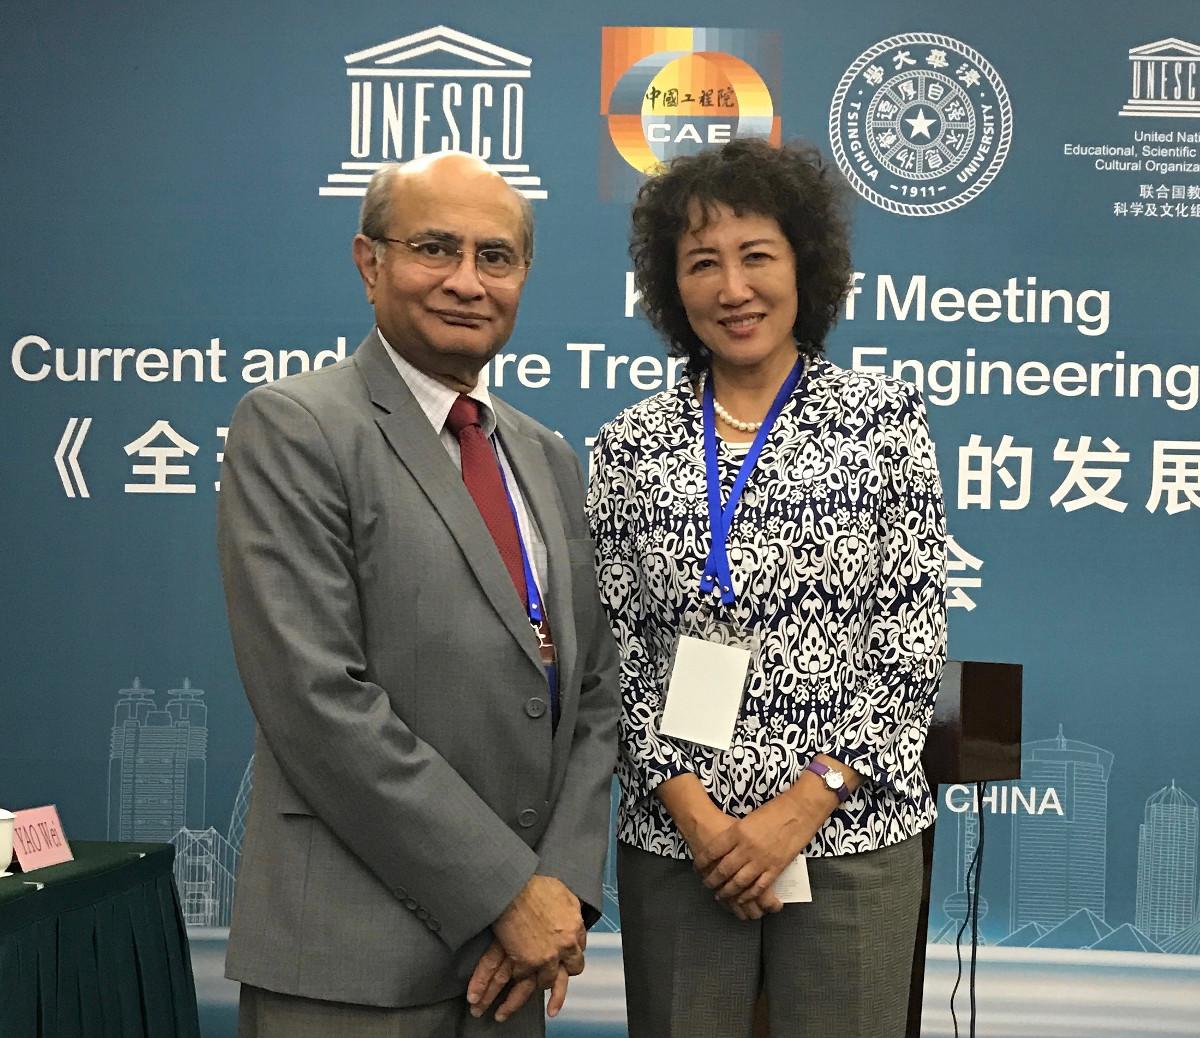 Tariq Durrani and Ruomei Li